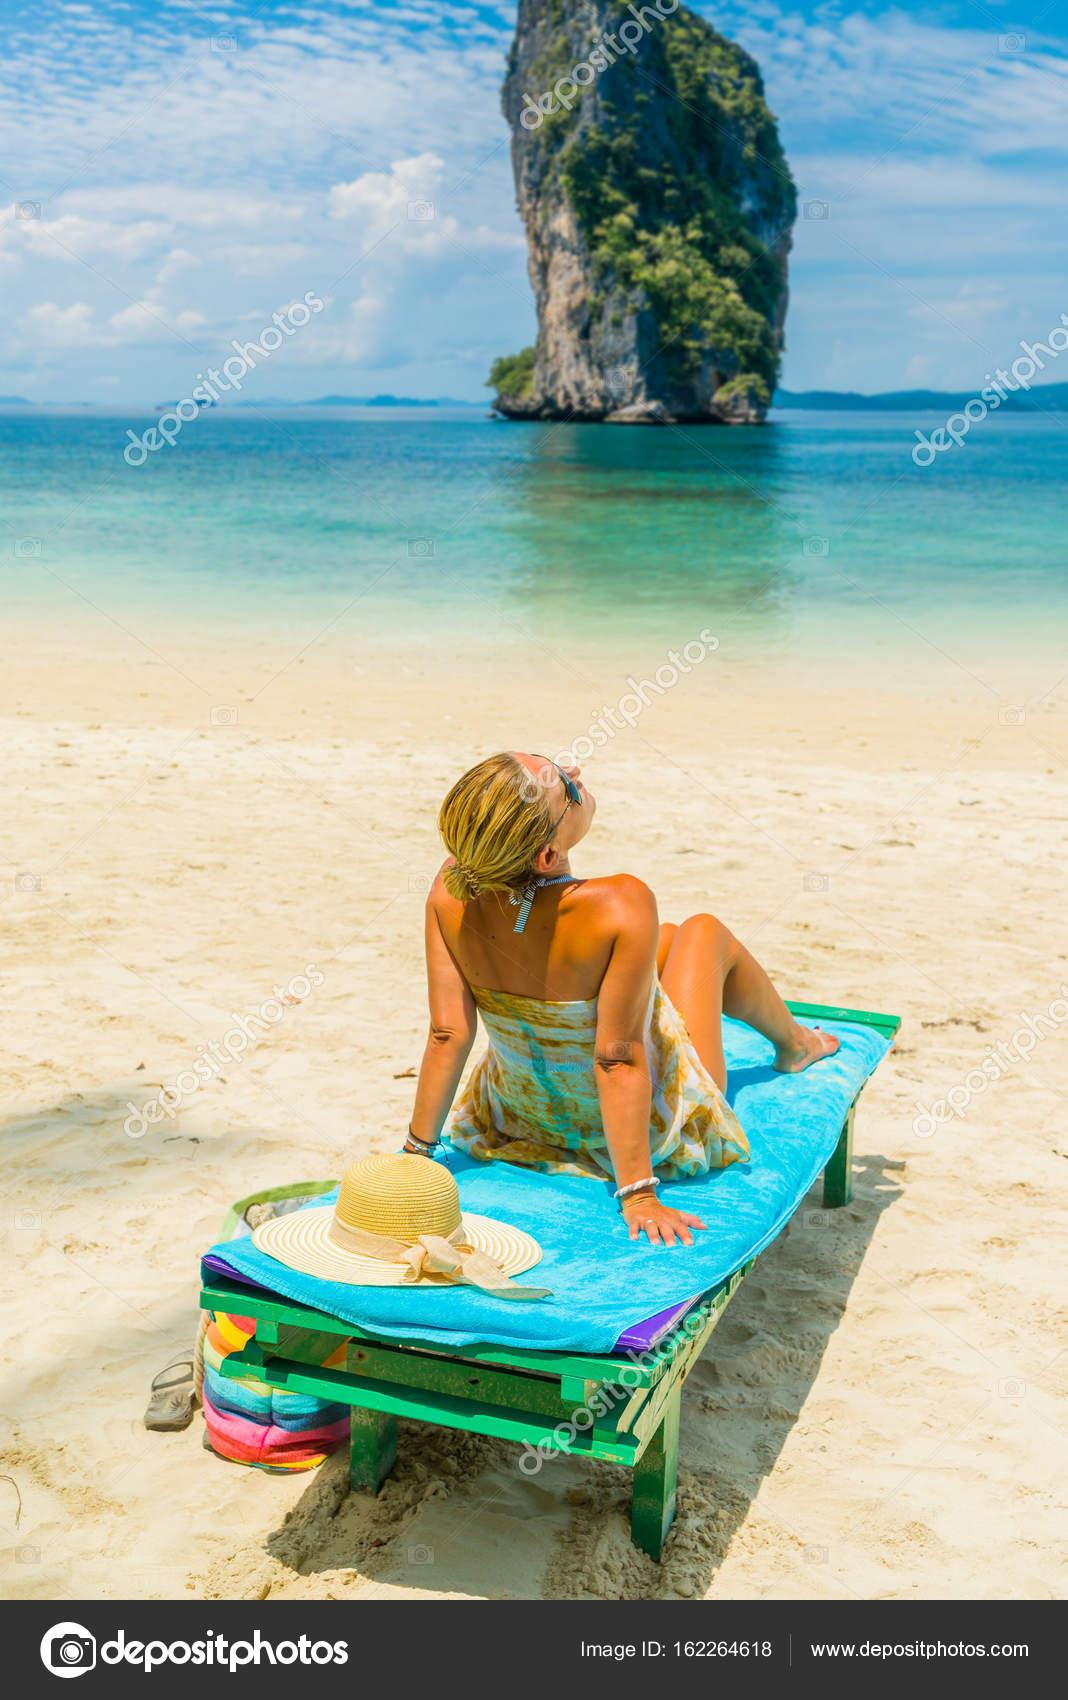 Frau Sitzt Auf Einem Bett Am Strand Stockfoto C Netfalls 162264618